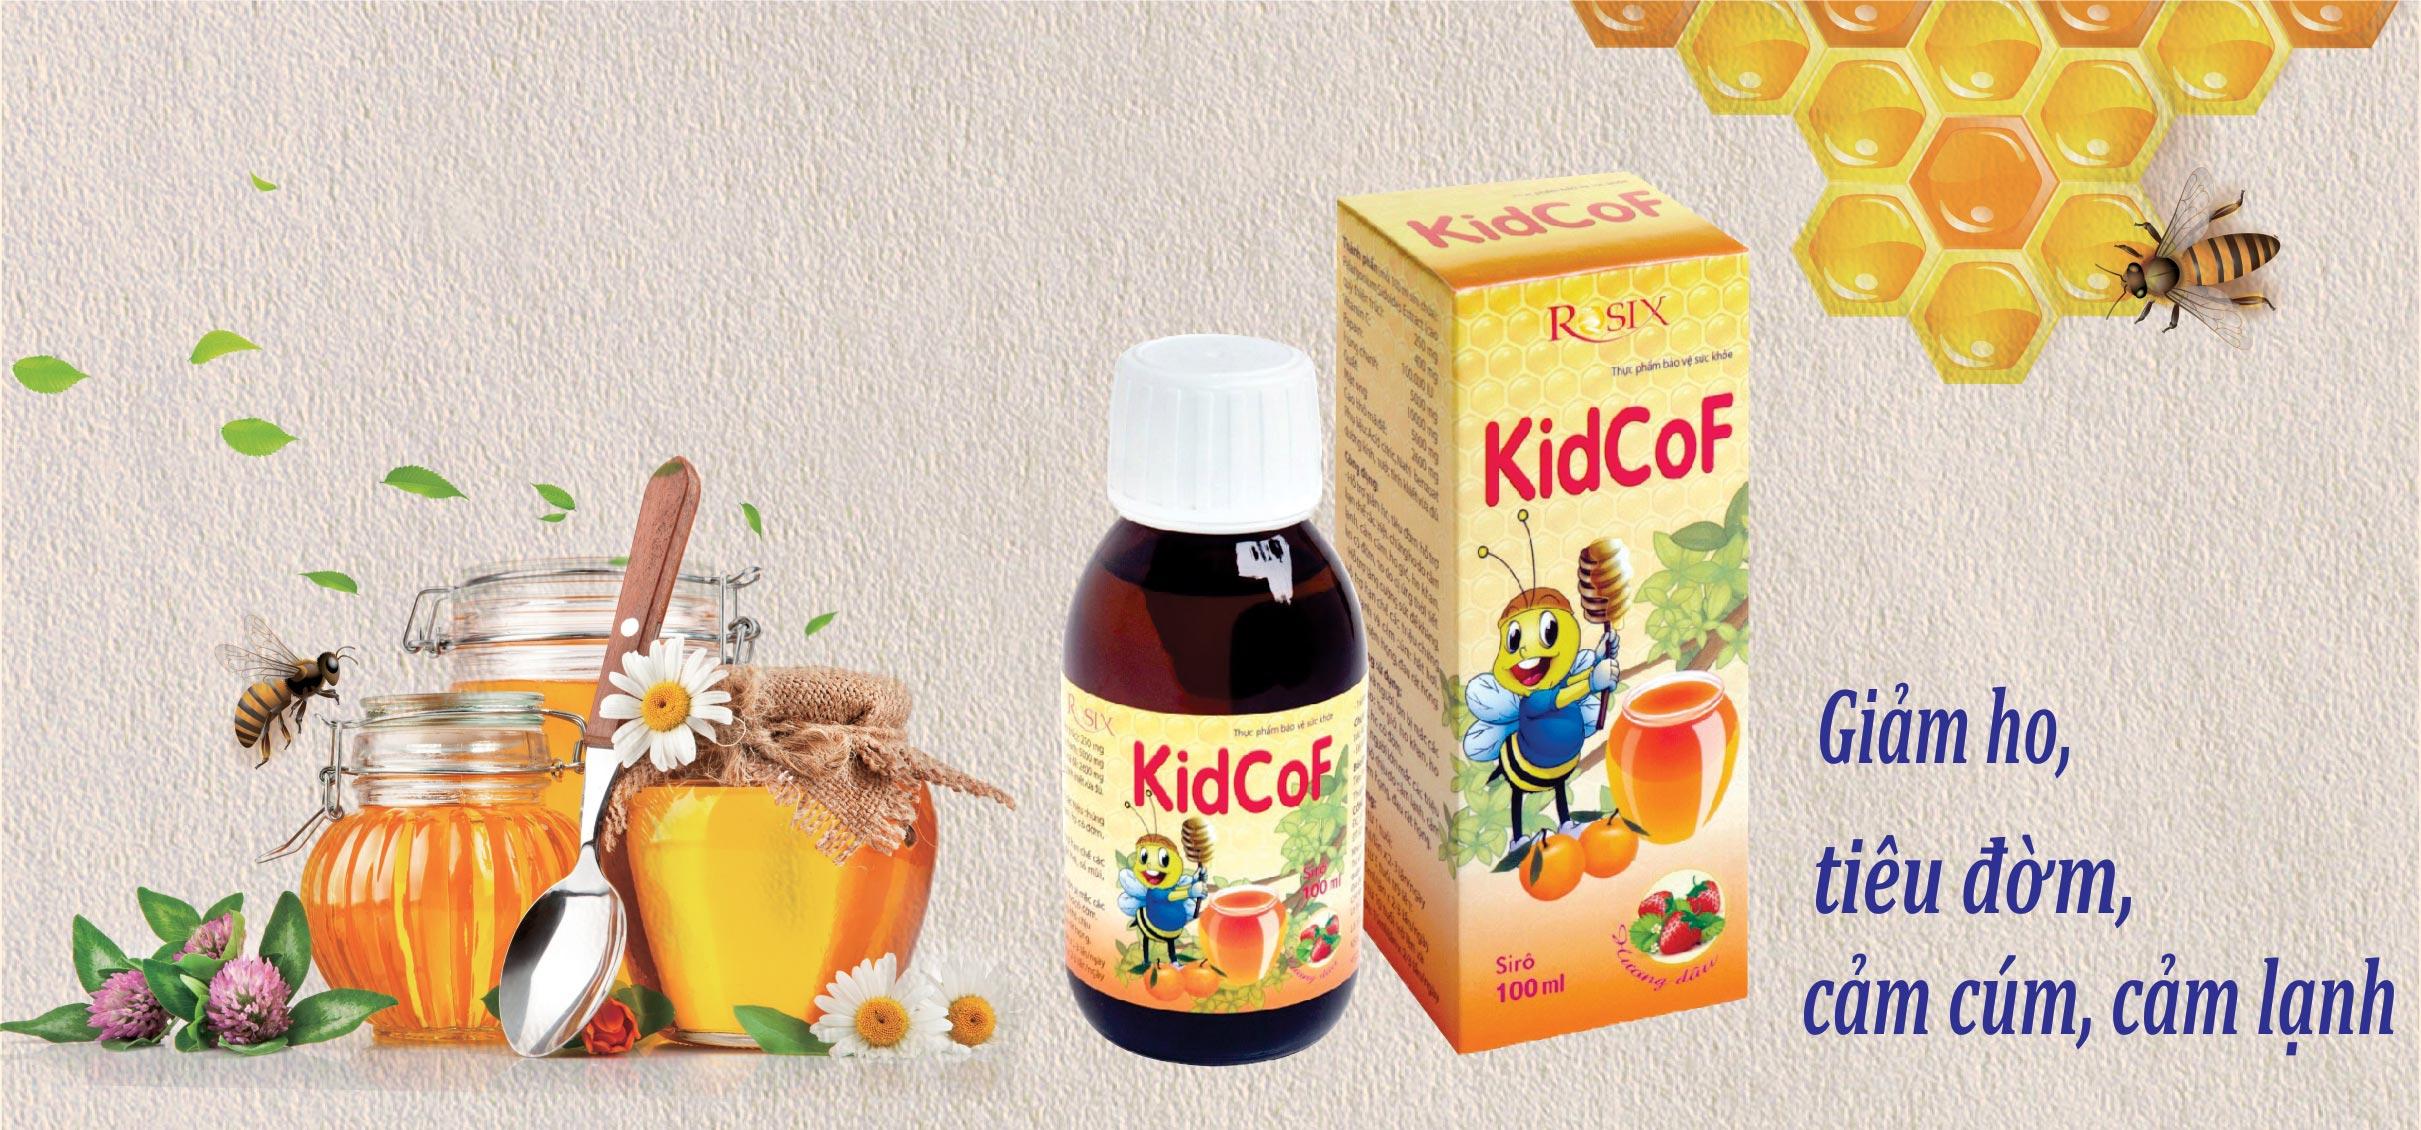 http://rosix.com.vn/kidcof-giam-ho-tieu-dom-cam-cum-cam-lanh227